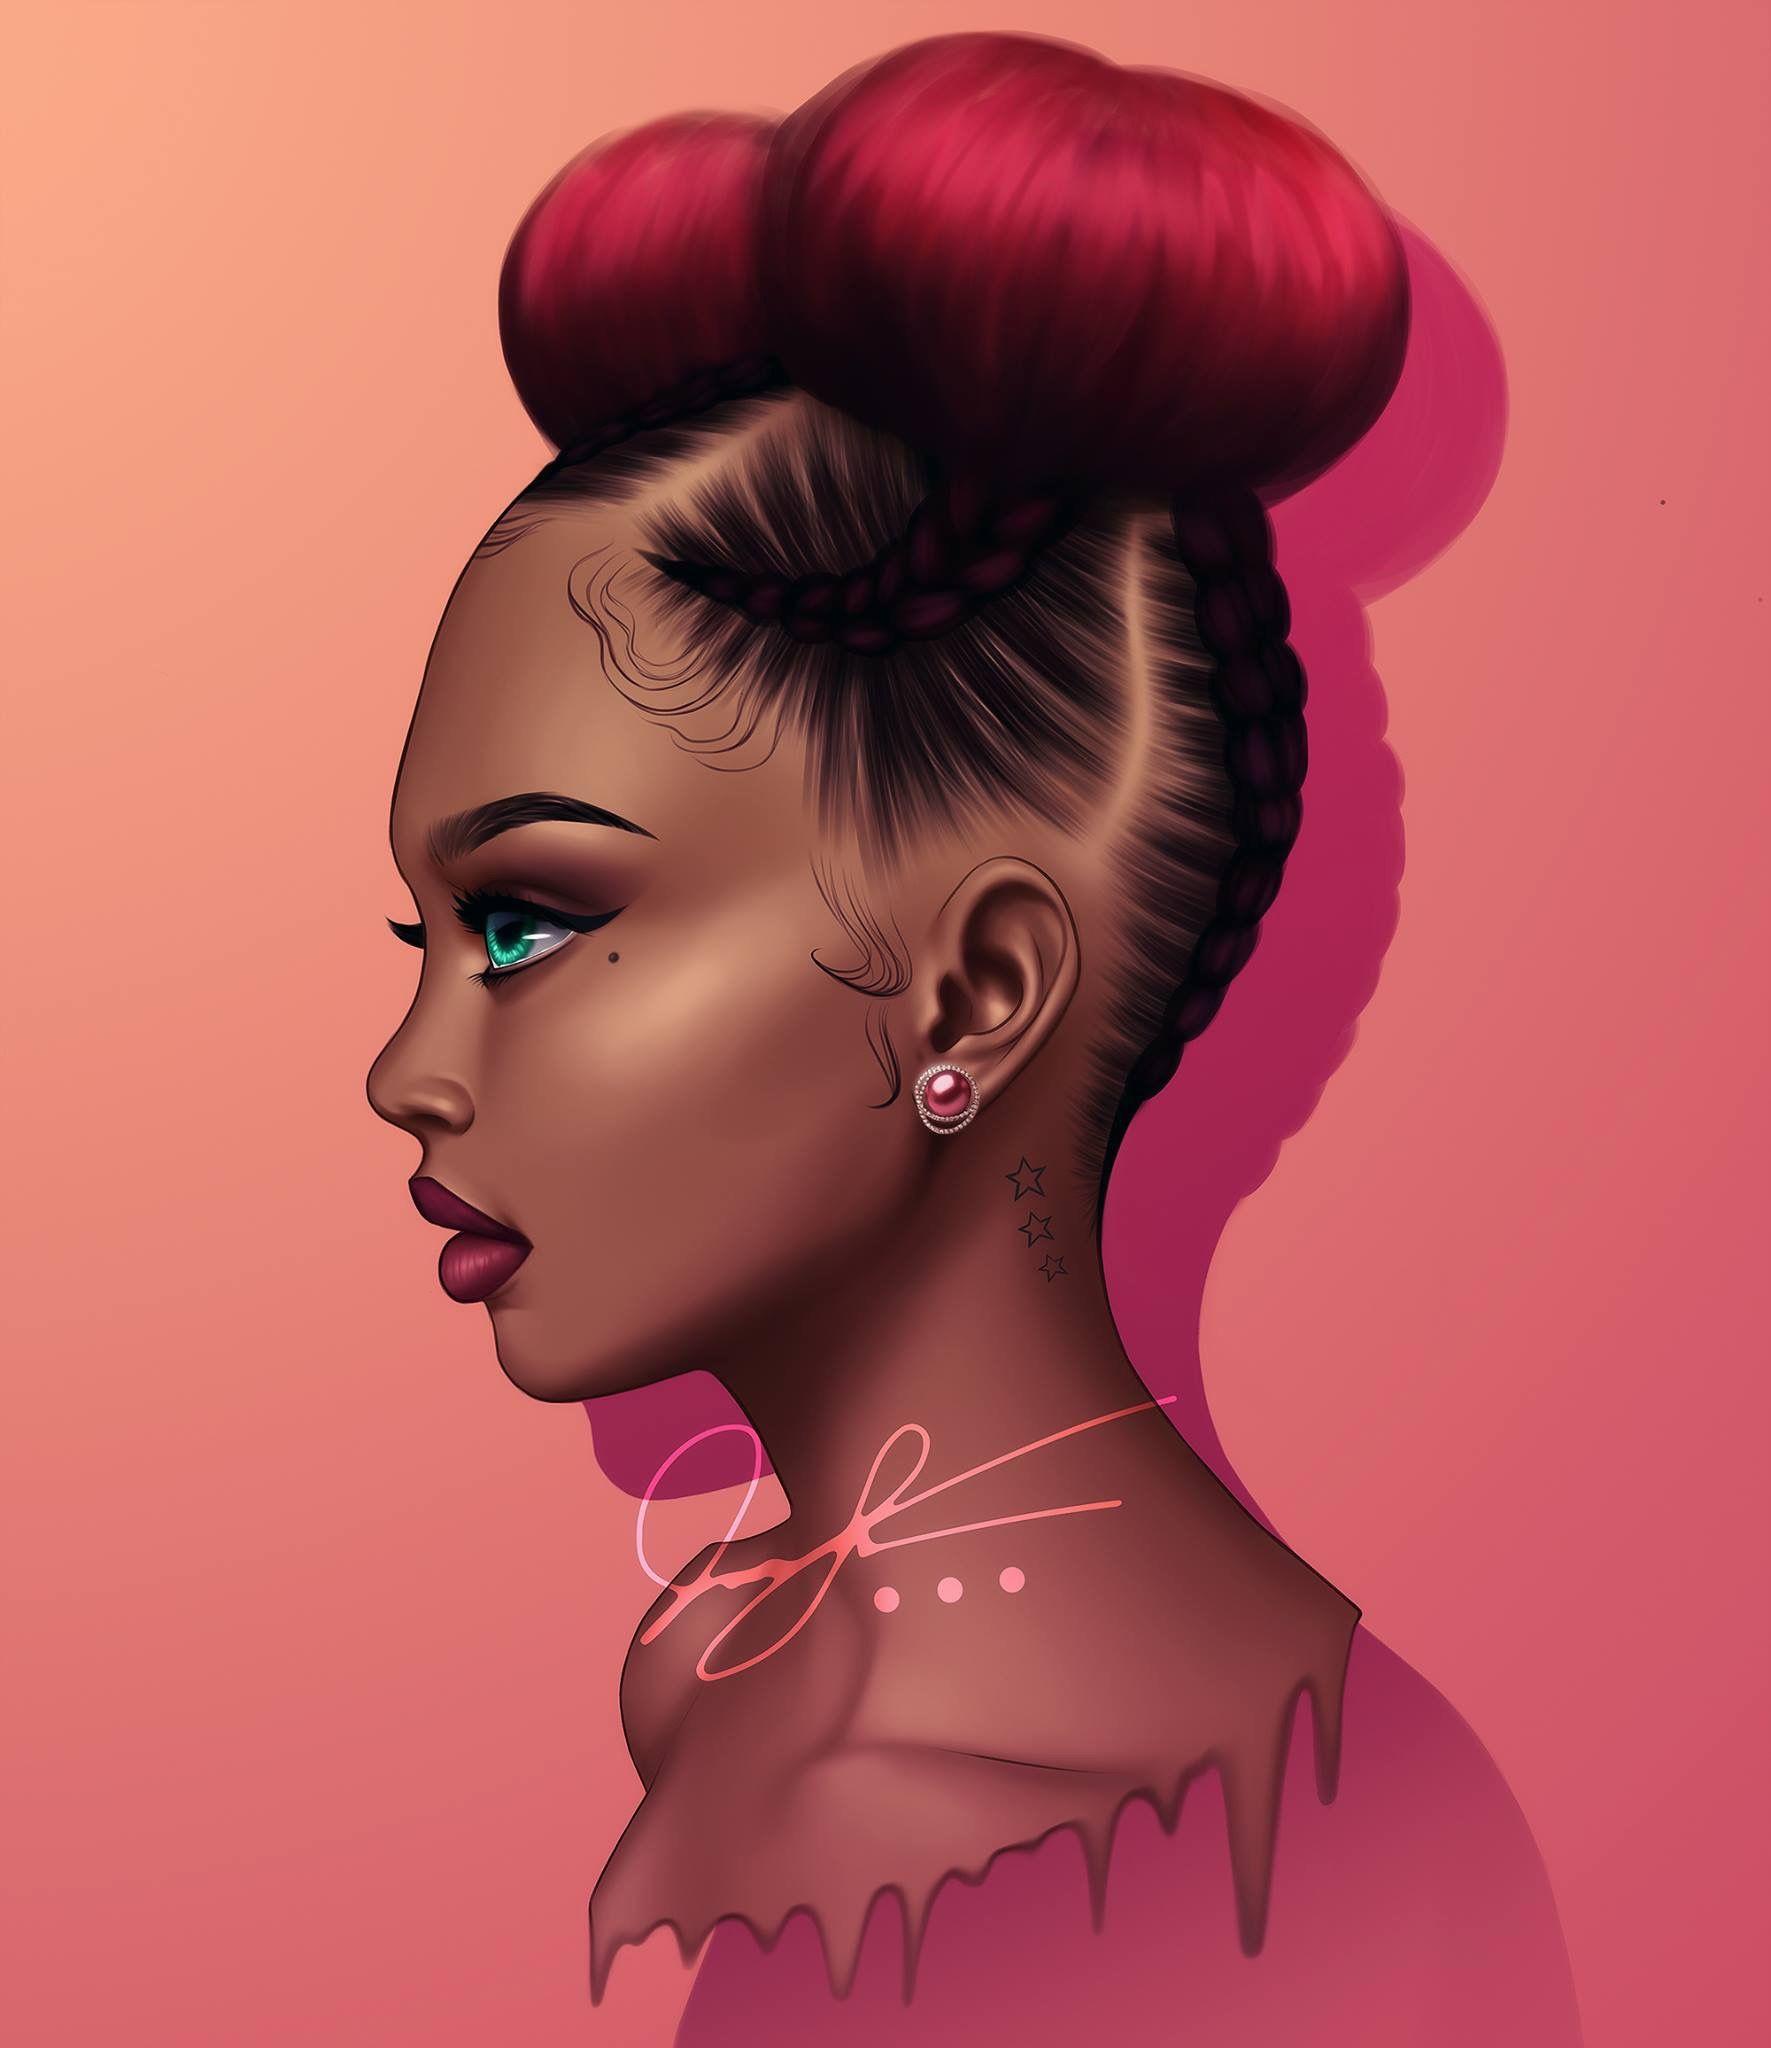 BEST Braided Hairstyles 2021 hairstyleforblackwomen.net 987